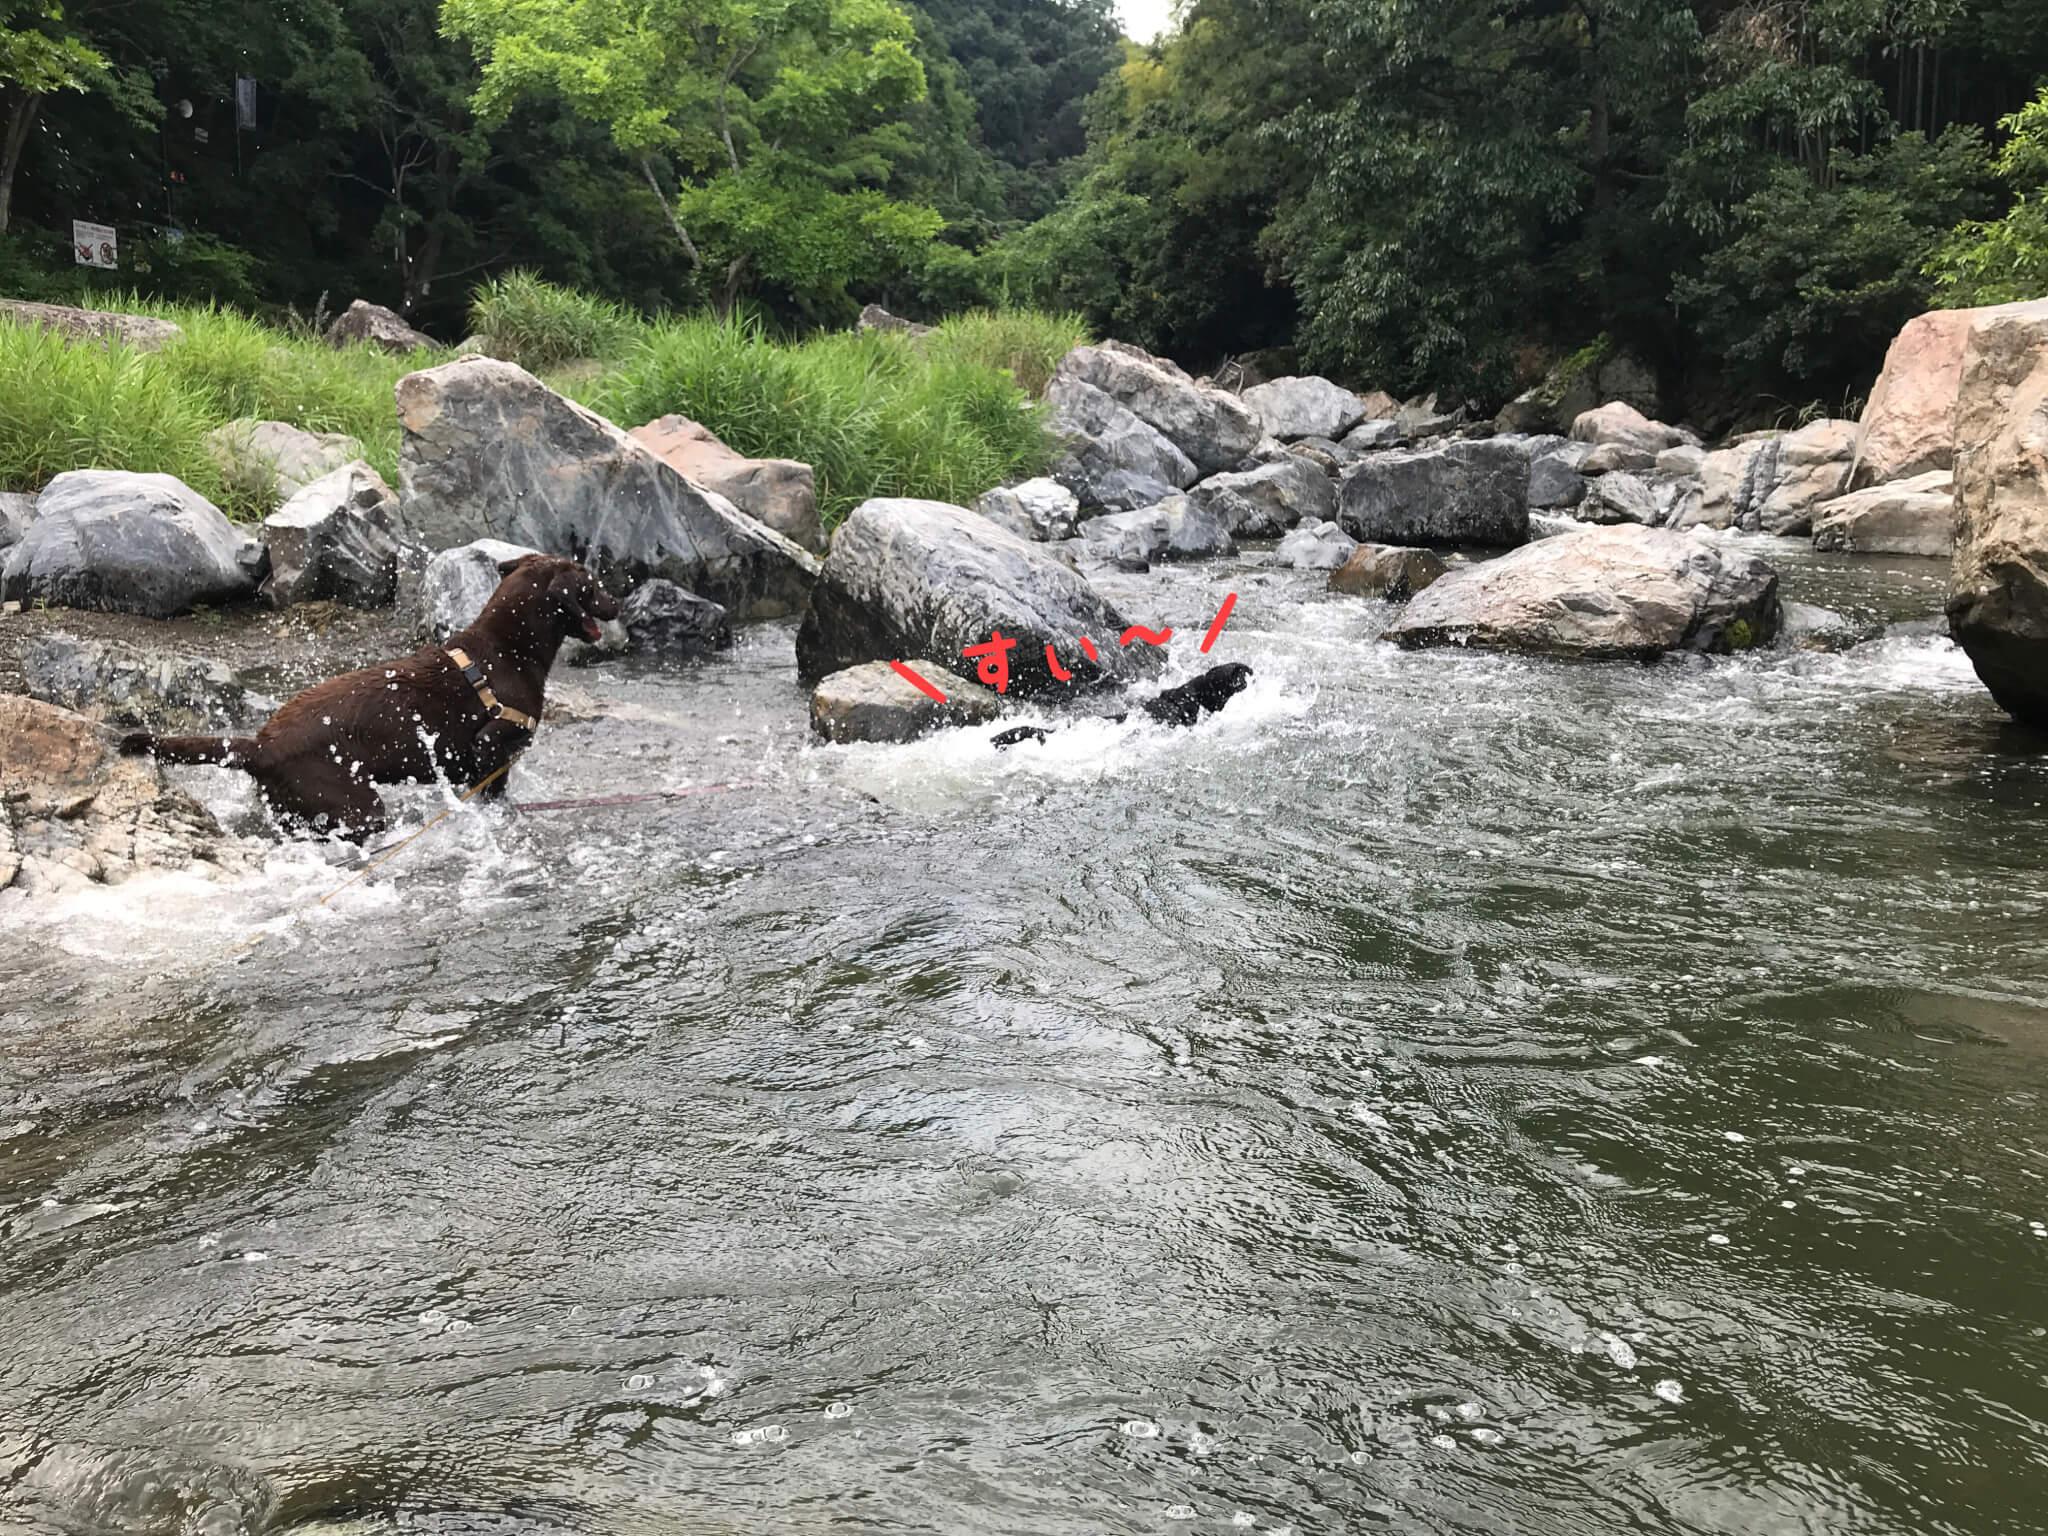 摂津峡公園 犬 川遊び 芥川 ラブラドールレトリバー 泳ぐ犬 \すぃー/